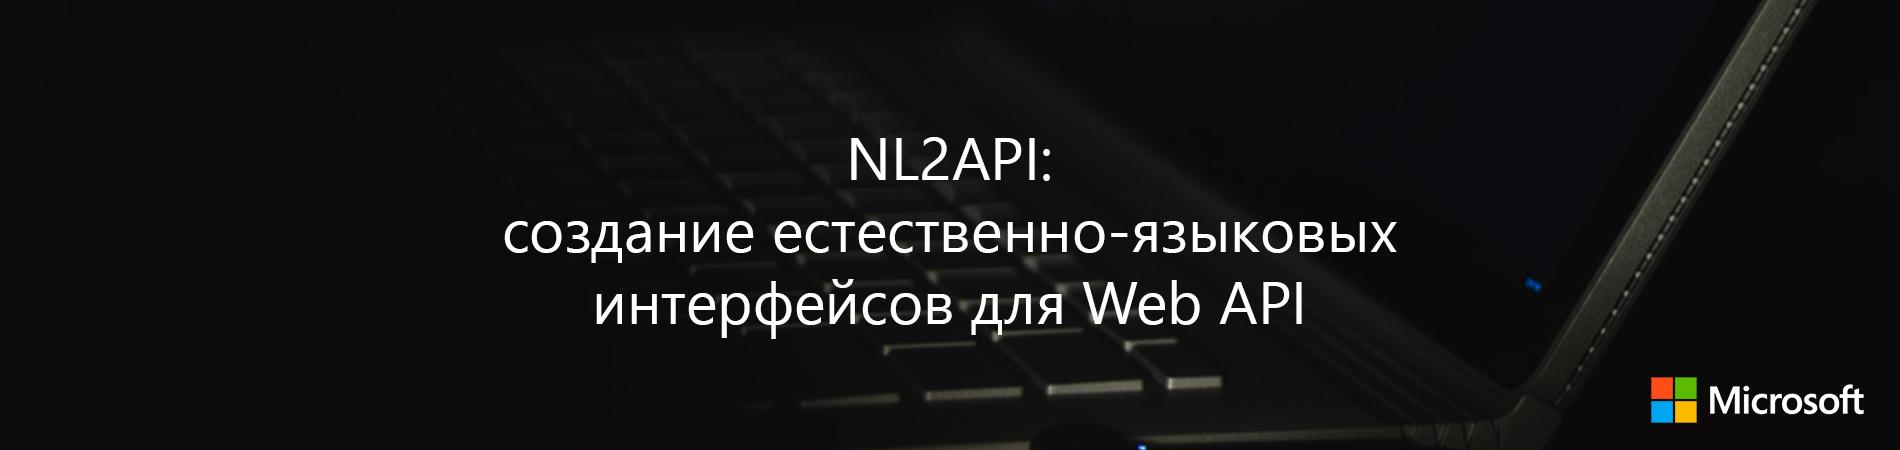 [Перевод] NL2API: создание естественно-языковых интерфейсов для Web API